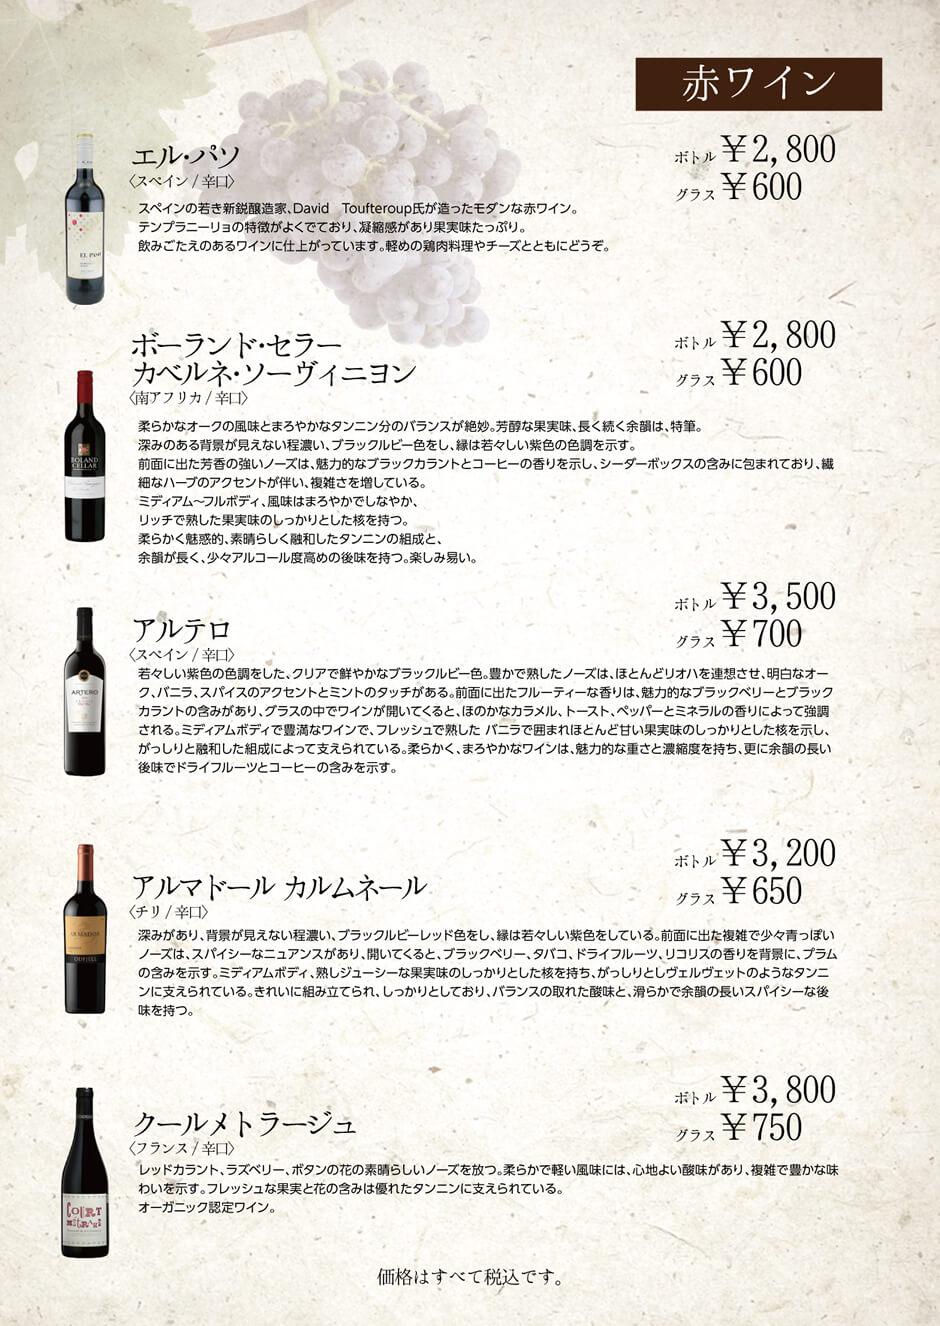 ランチョ エルパソ×A4ドリンクメニュー_04P赤ワイン修正-01